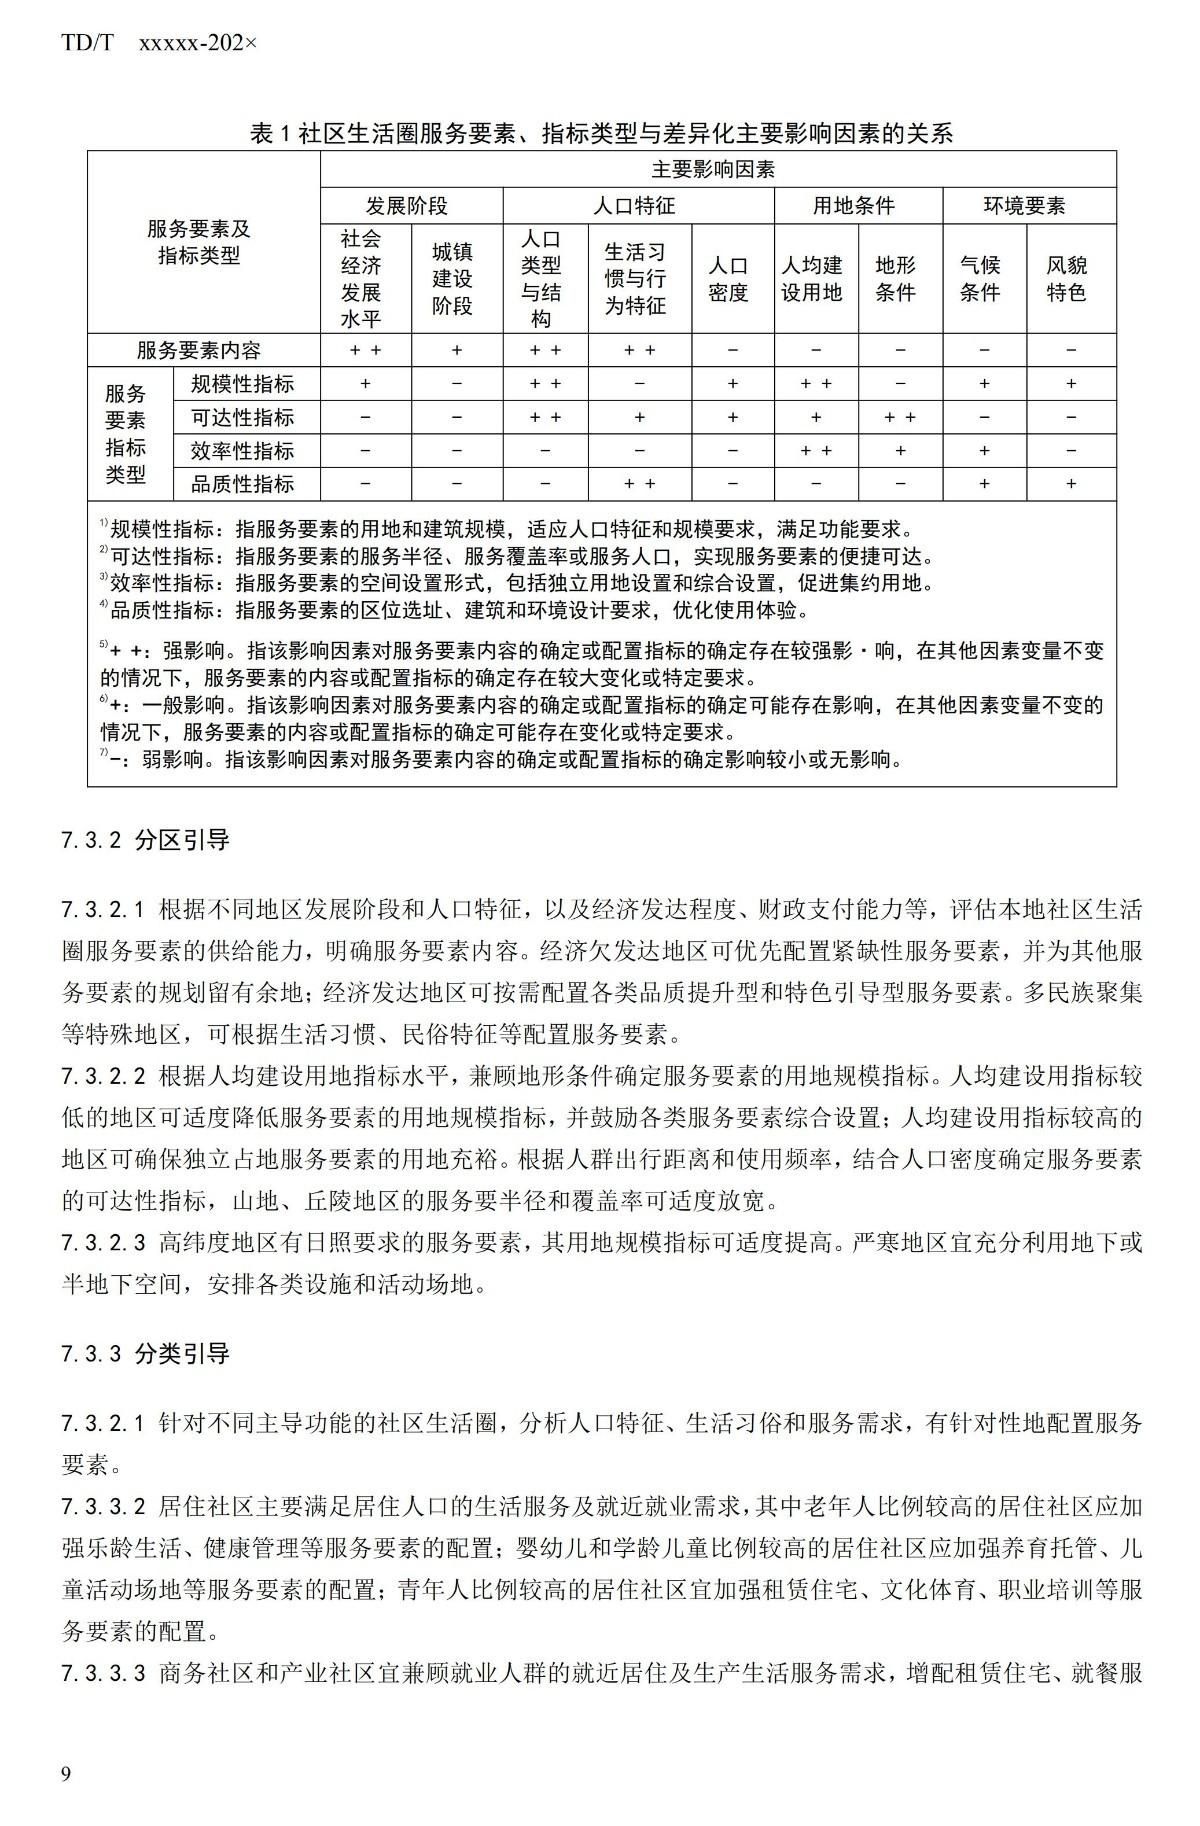 20_WD_240432_社区生活圈规划技术指南_14.jpg